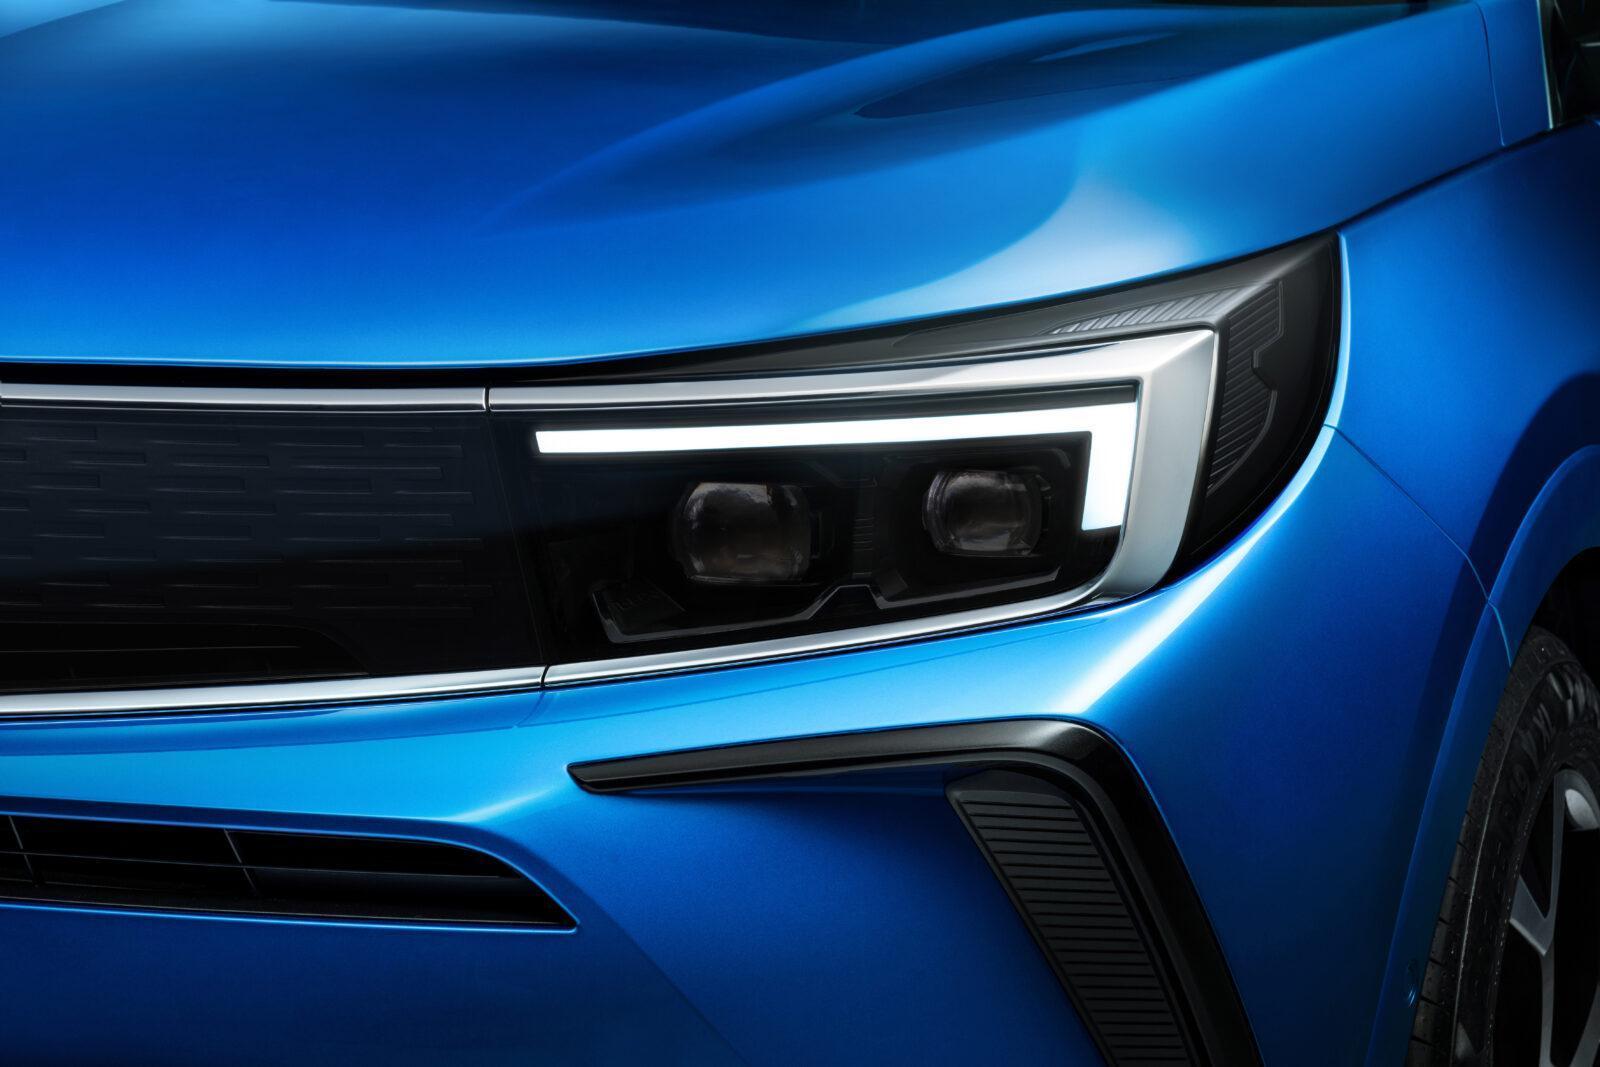 Opel сделала новый электромобиль Grandland - смелый дизайн и передовые технологии (novyj opel grandland 8)